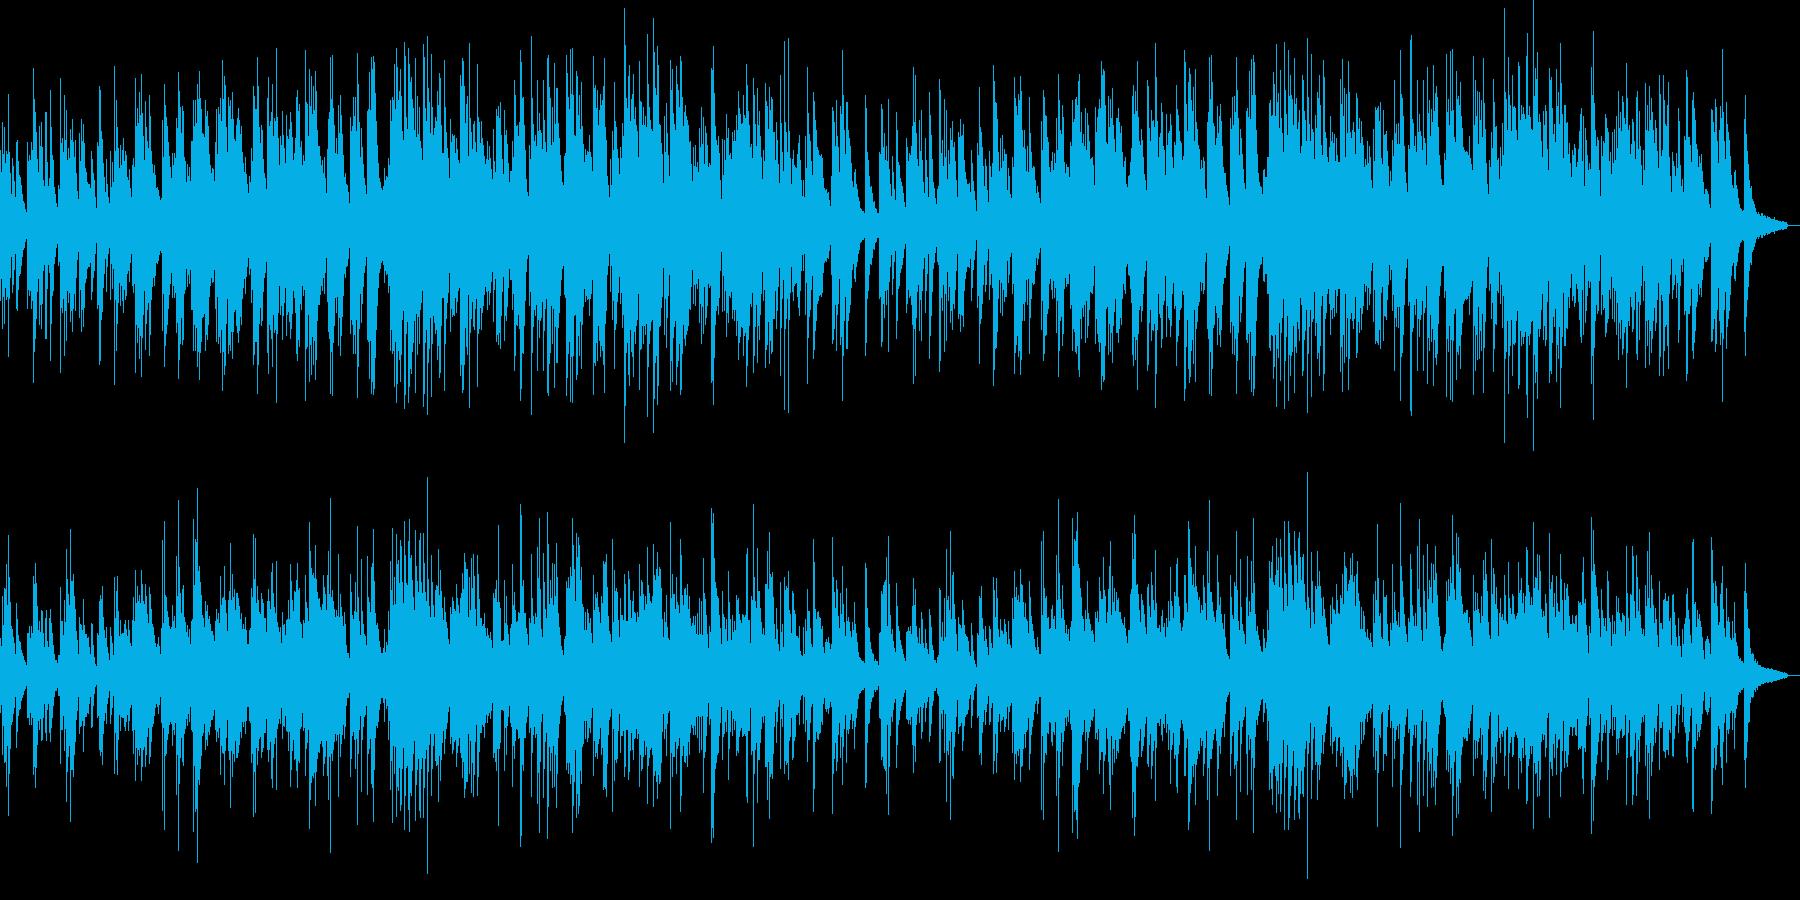 優しい 心温まる ピアノ曲の再生済みの波形